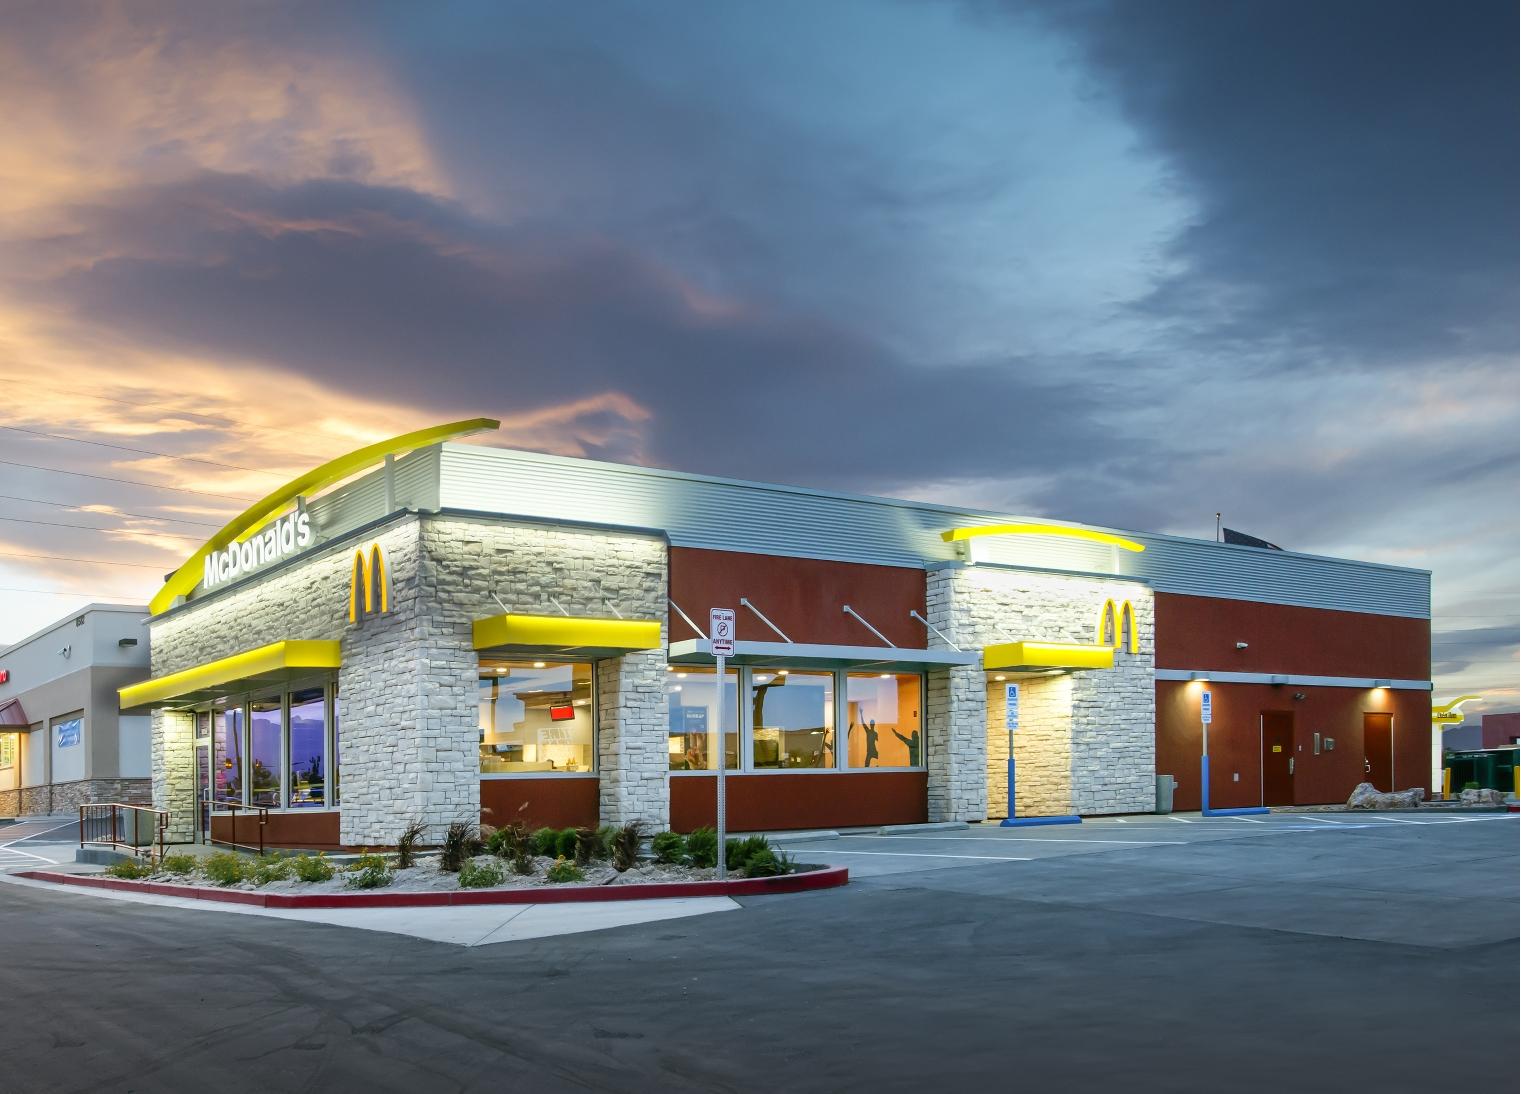 McDonald's restaurant in Las Vegas